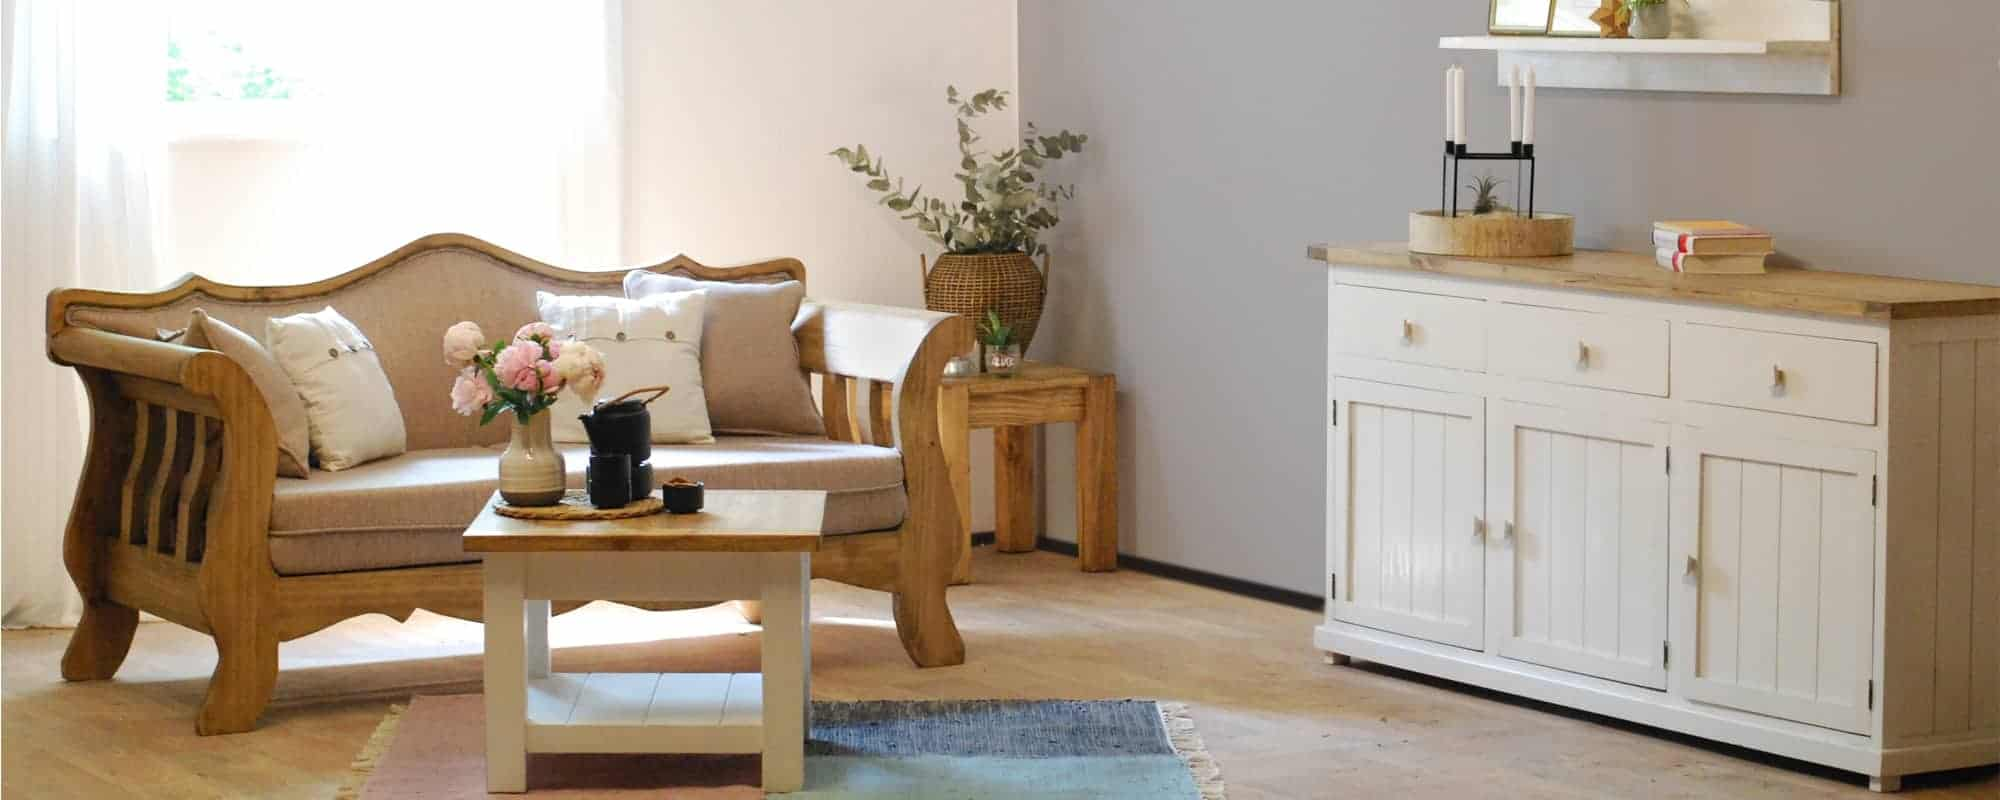 Landhausmöbel und Möbel im Landhausstil online kaufen | MiaMöbel